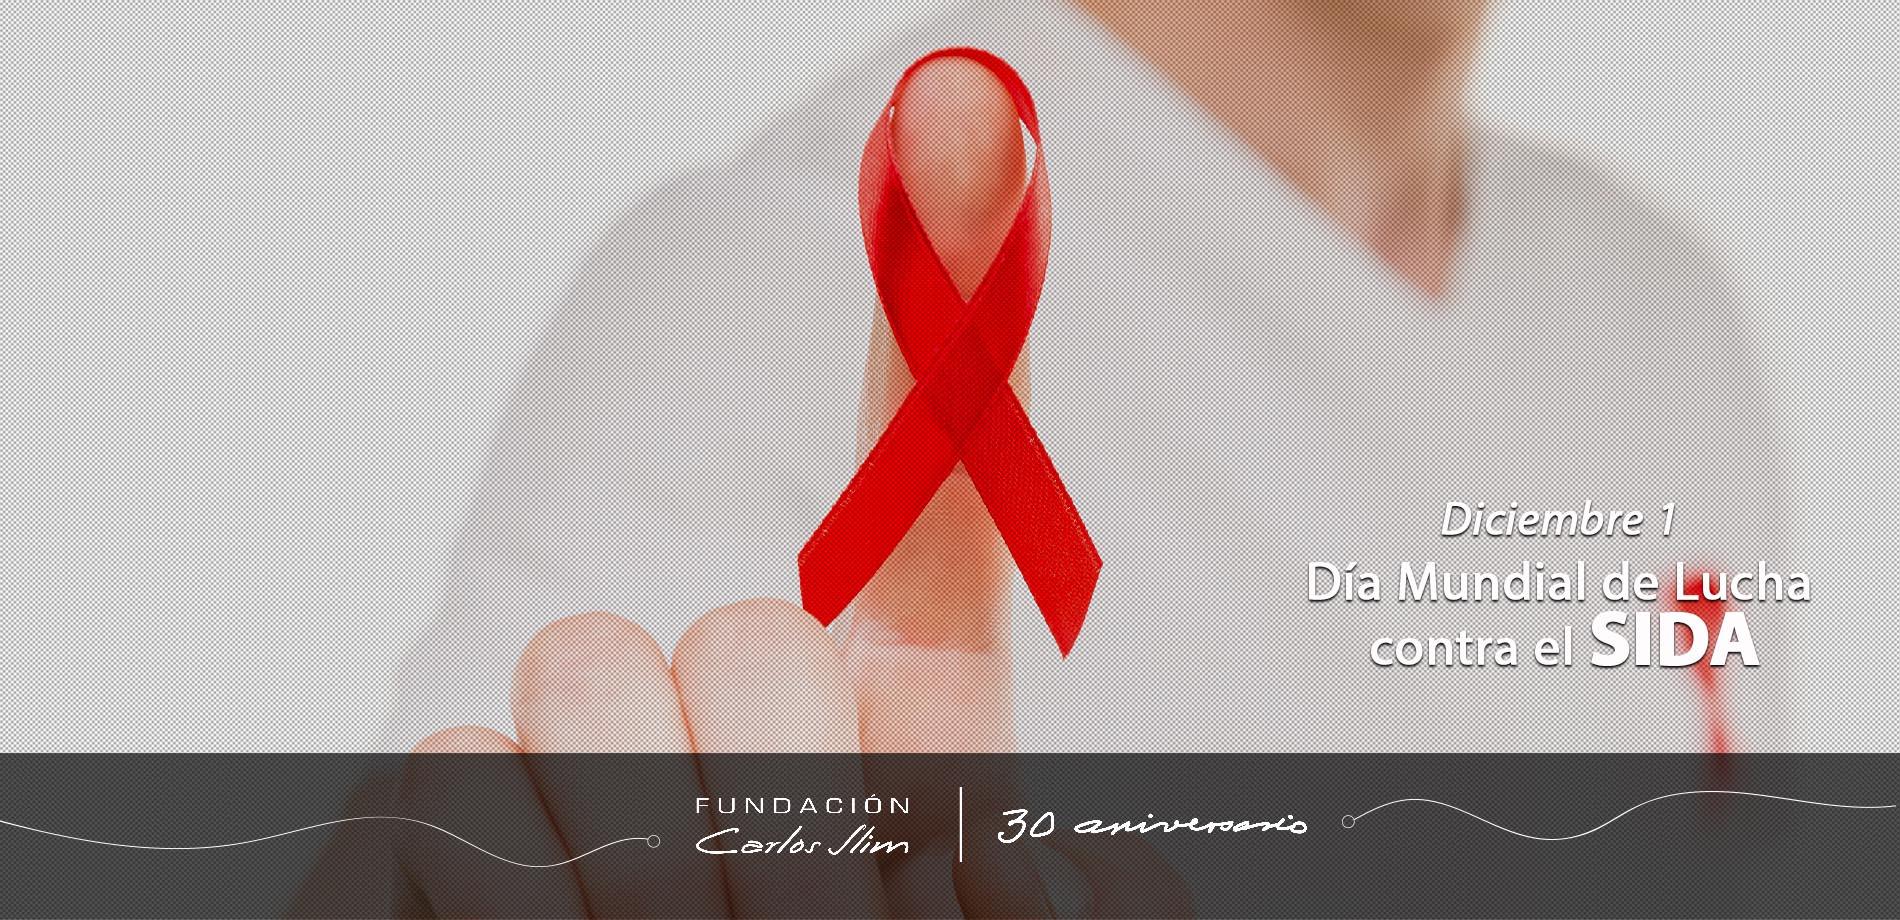 1 Diciembre 1 Dia Mundial de Lucha contra el SIDA B